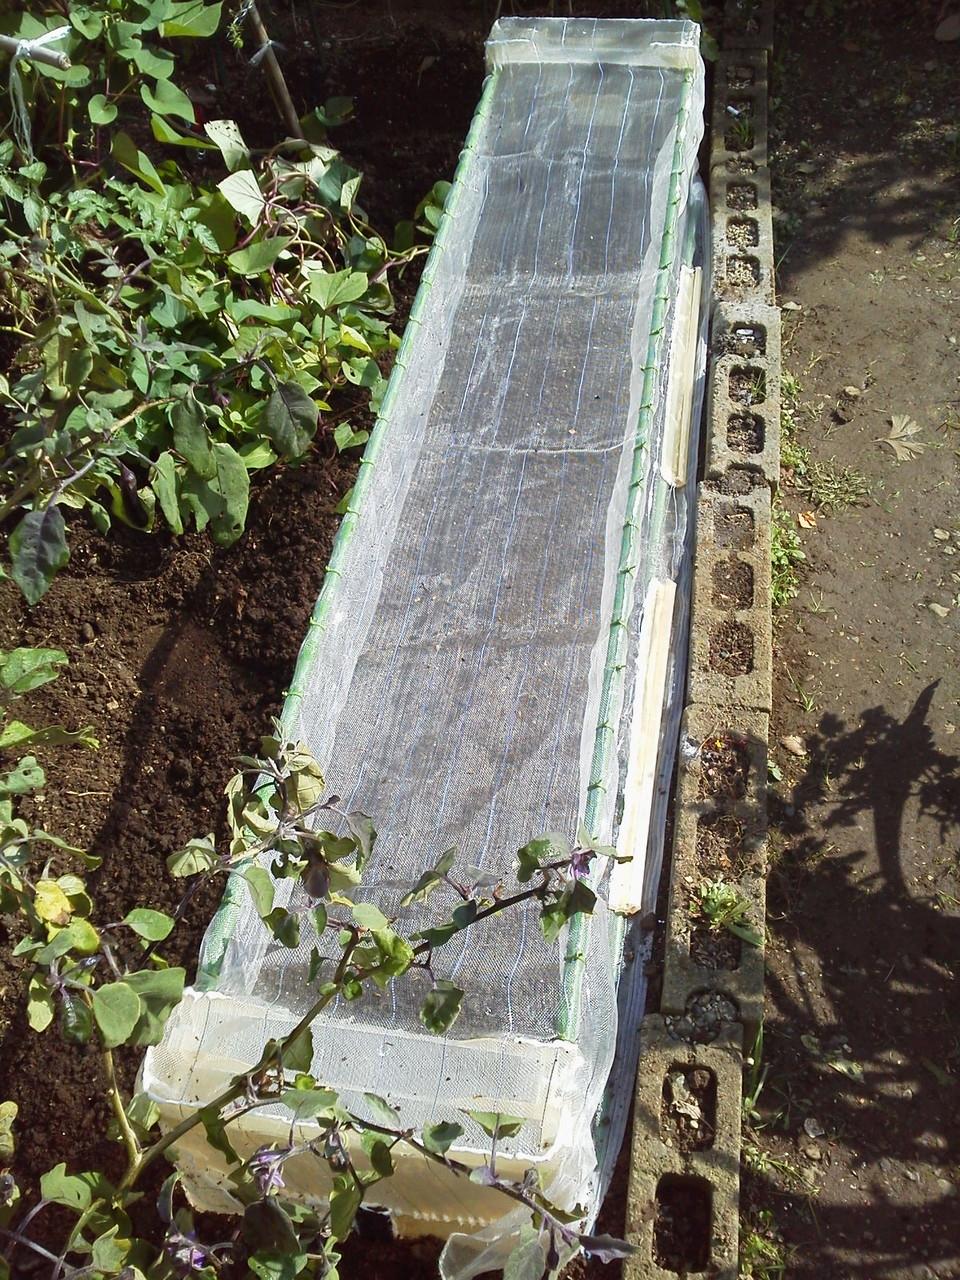 無農薬栽培するために自作したマルチネットです♪